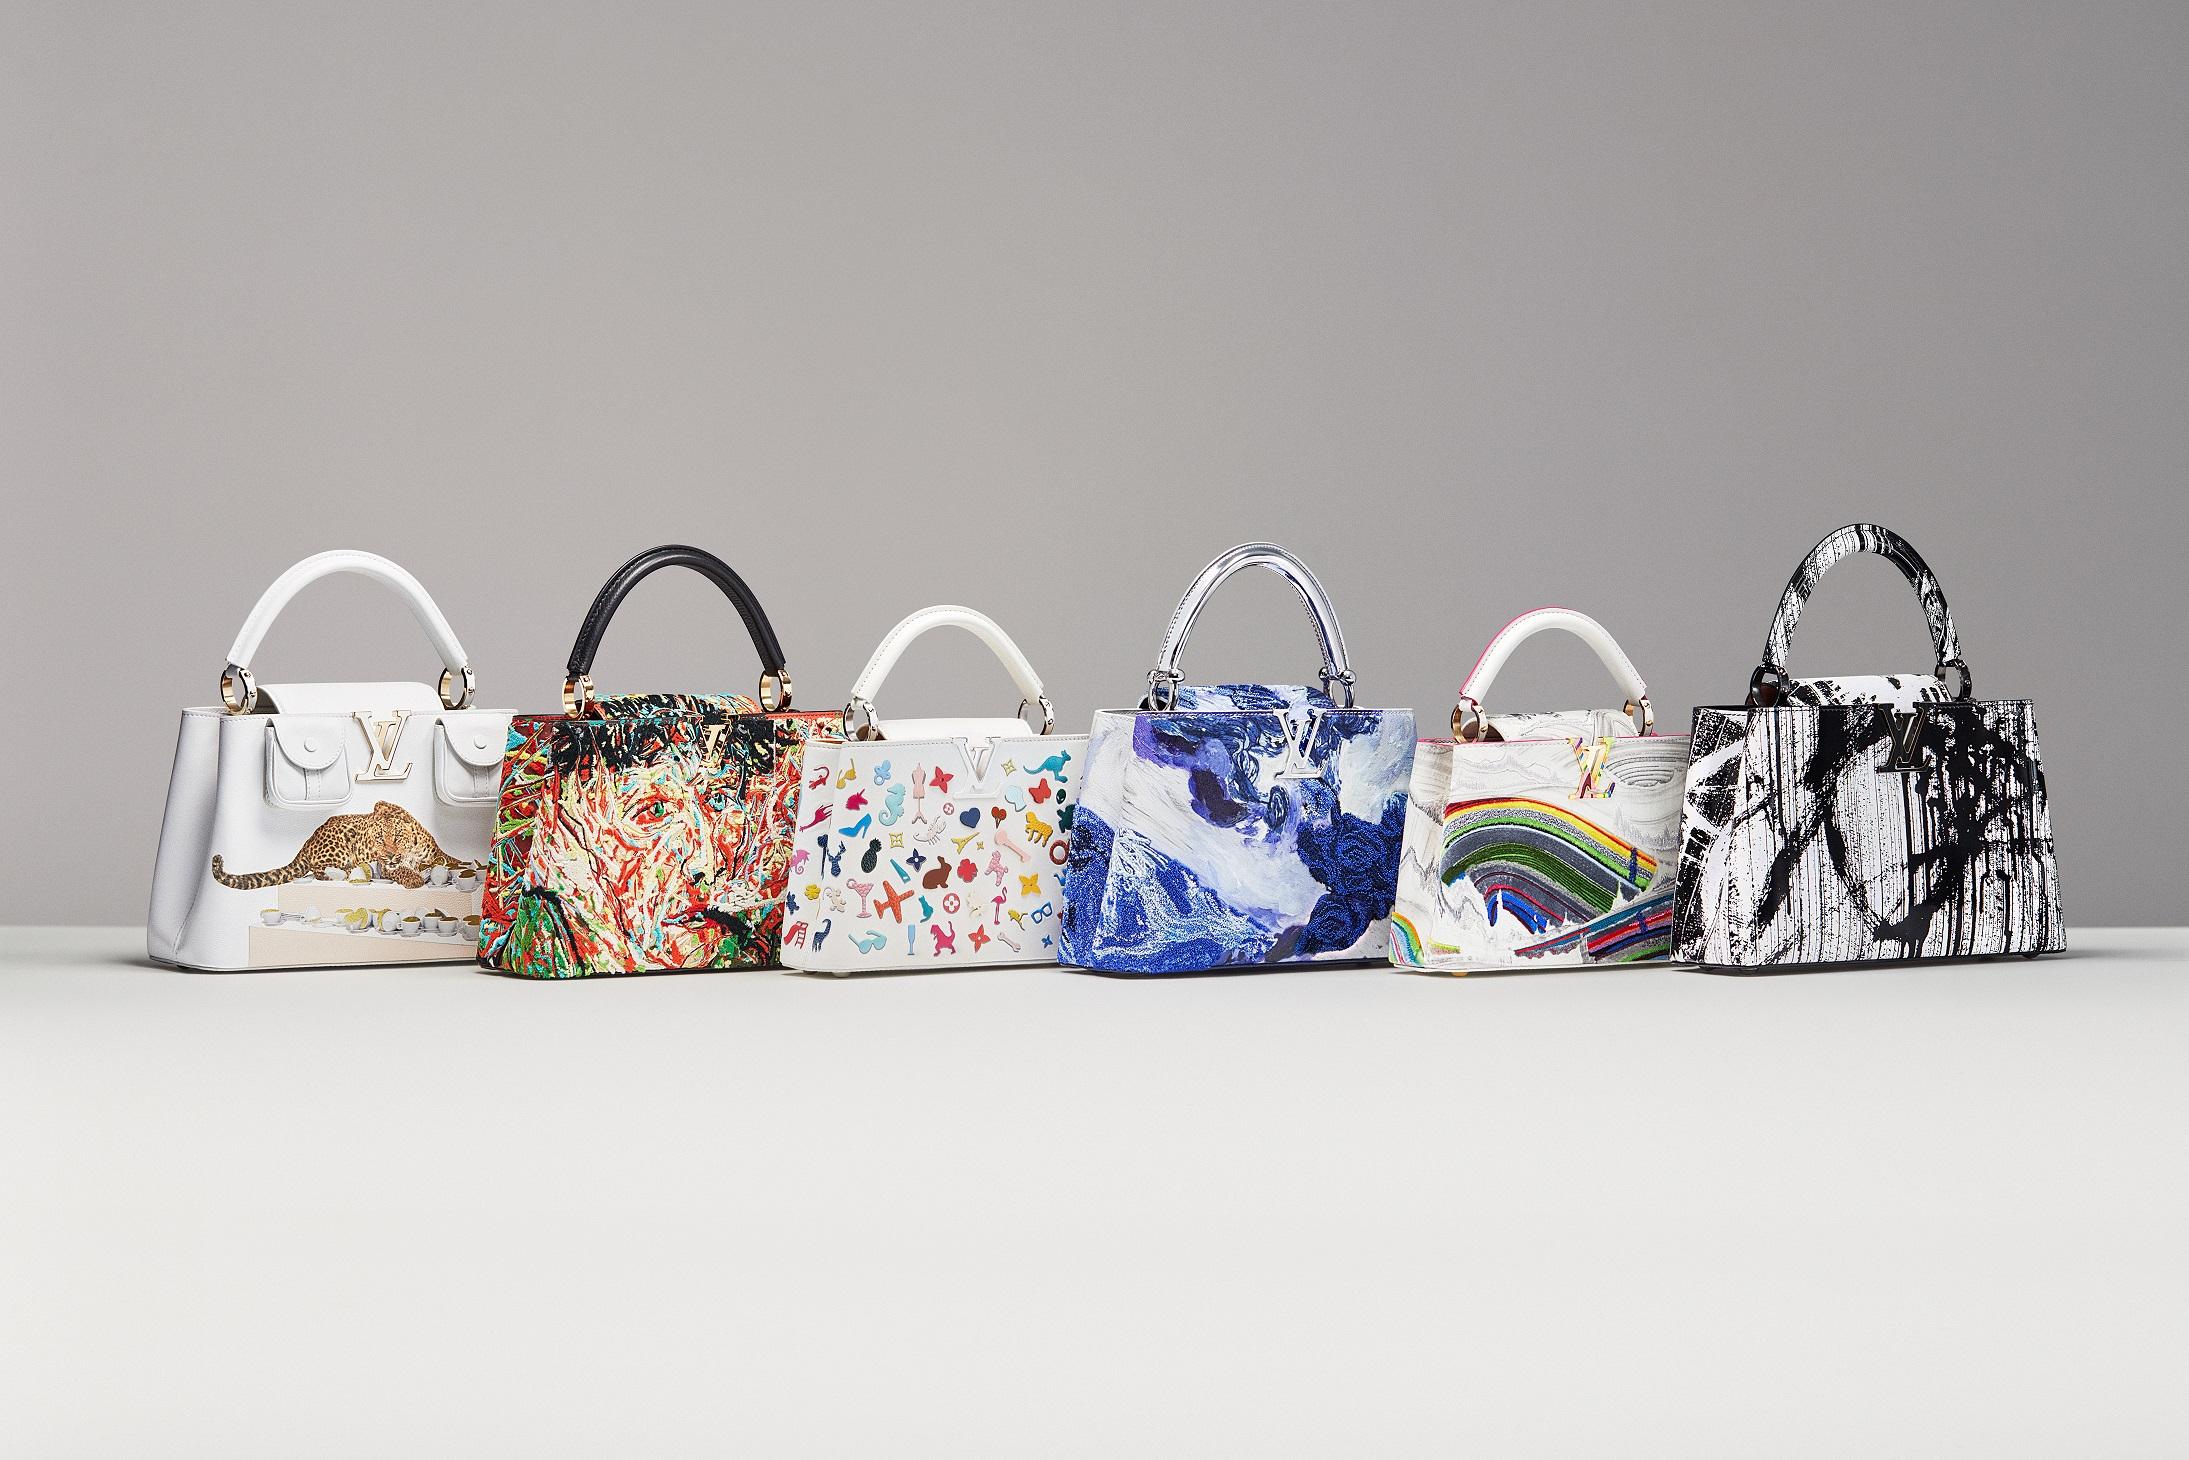 Góc nhìn nghệ thuật sáng tạo cùng kỹ nghệ chế tác cao cấp tạo dấu ấn cho BST Artycapucines. Ảnh: Louis Vuitton